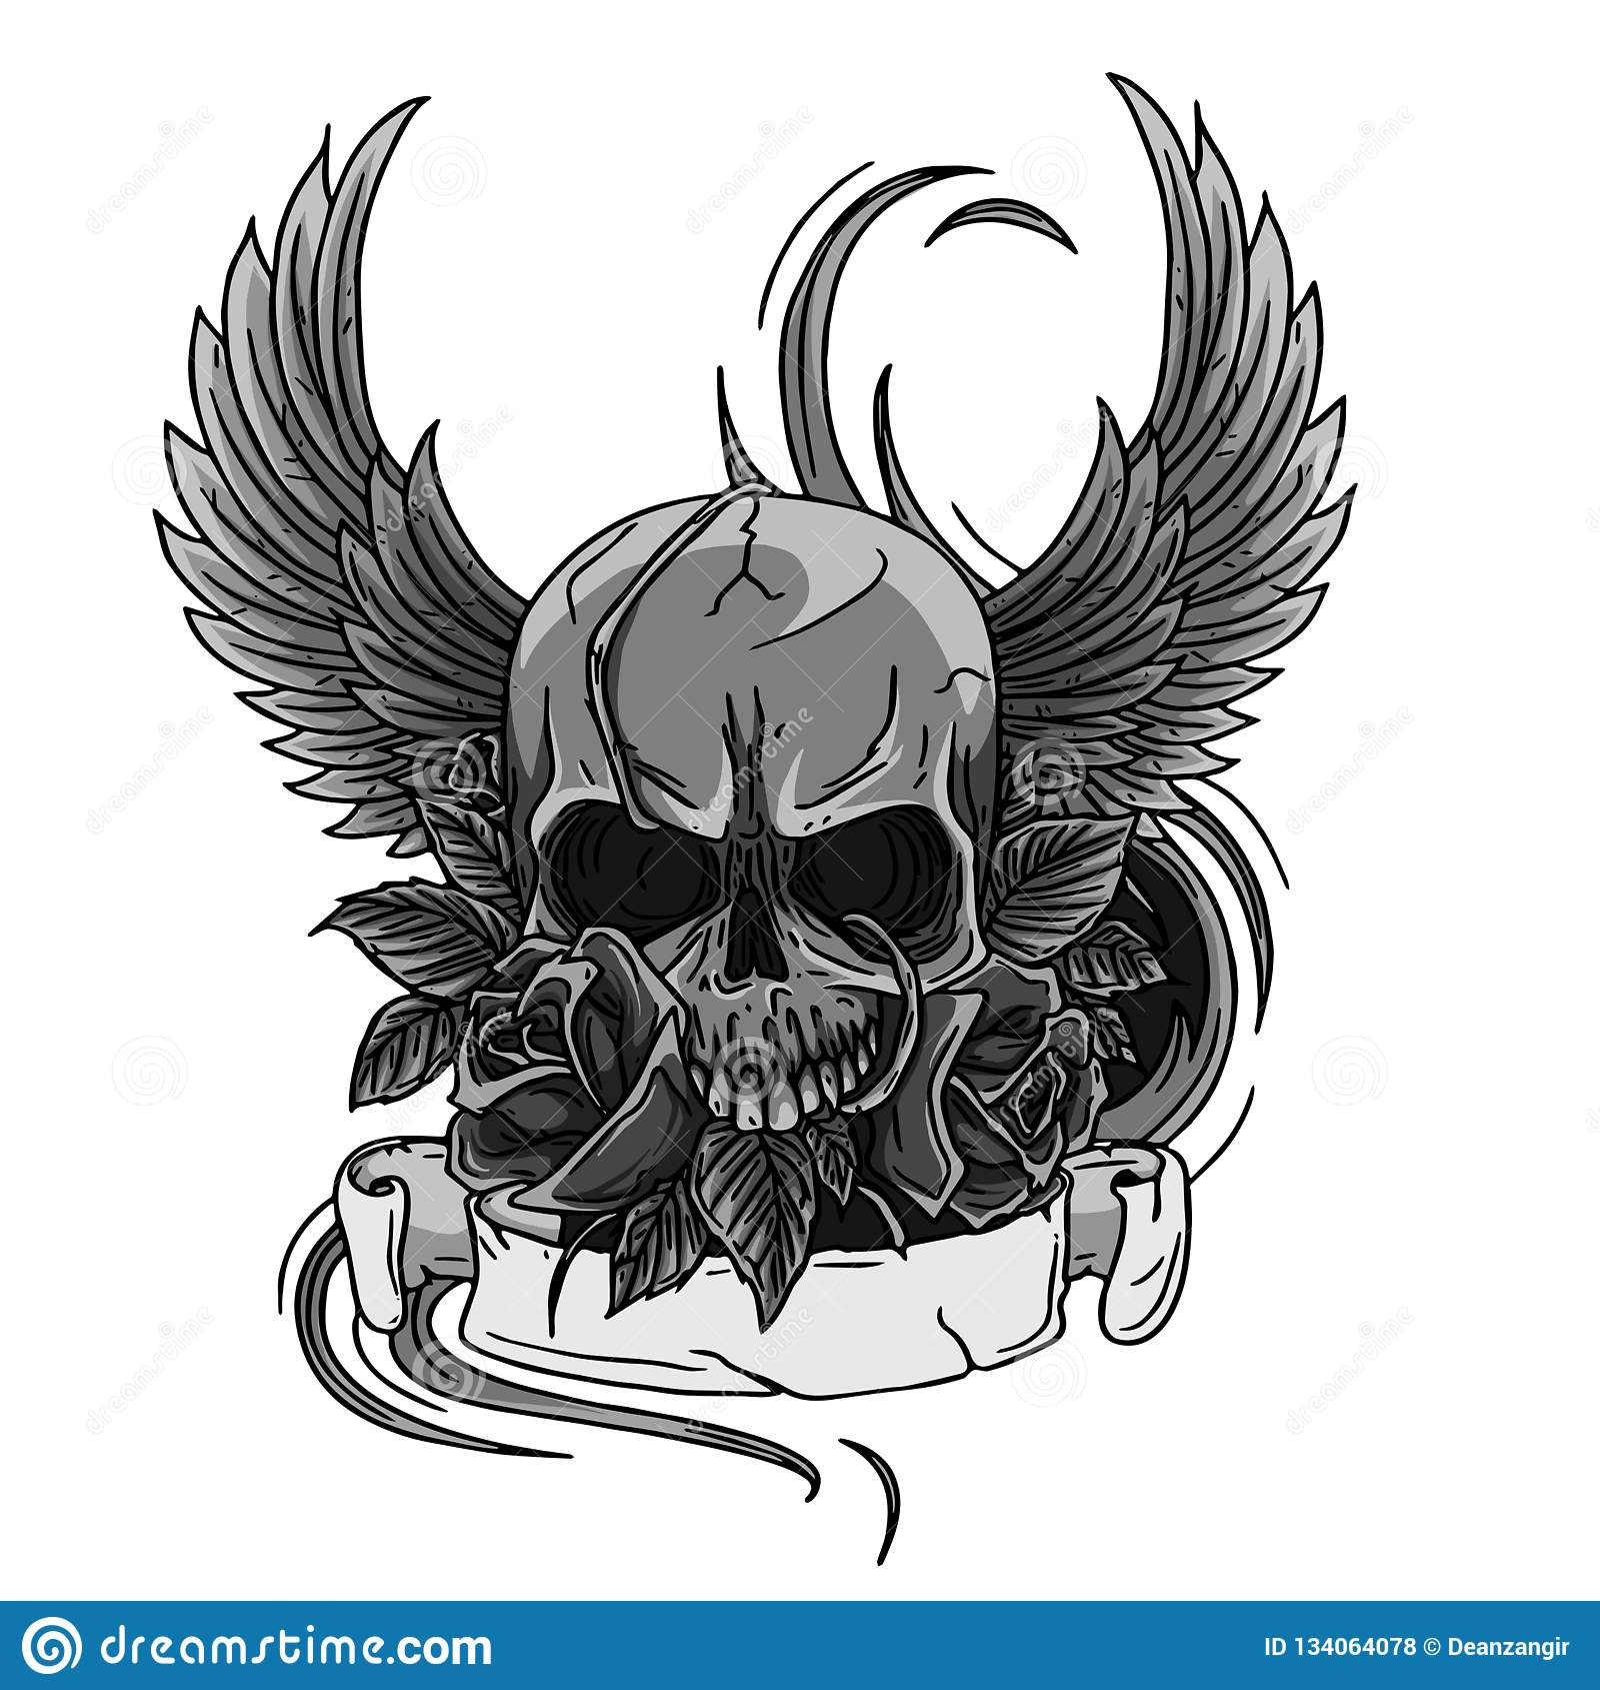 Skull Symbol Tattoo Design Crown Laurel Wreath Wings Roses And